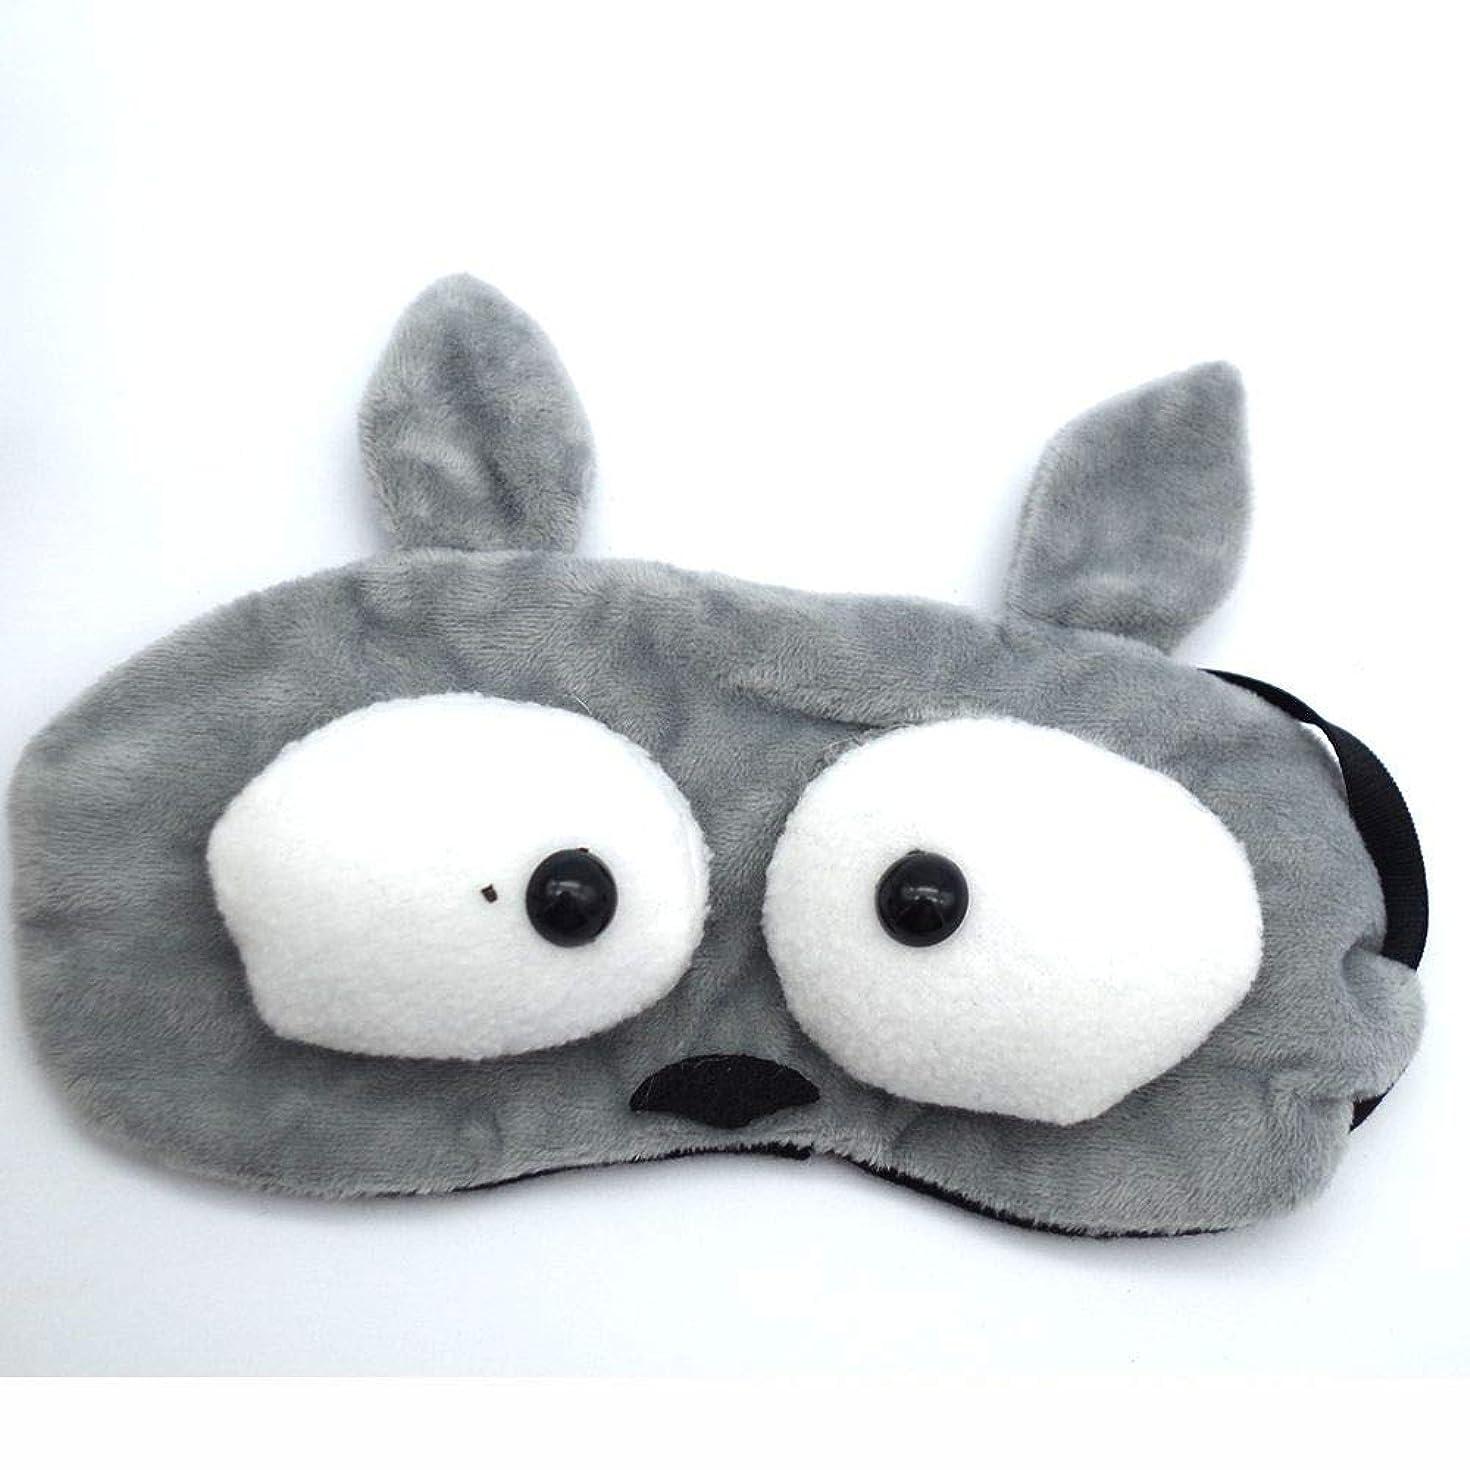 思いやり精度安心させるNOTE 1ピース動物睡眠アイマスクパッド入りシェードカバー目隠し睡眠旅行リラックスマスクアイカバー睡眠メイクアイケアツール